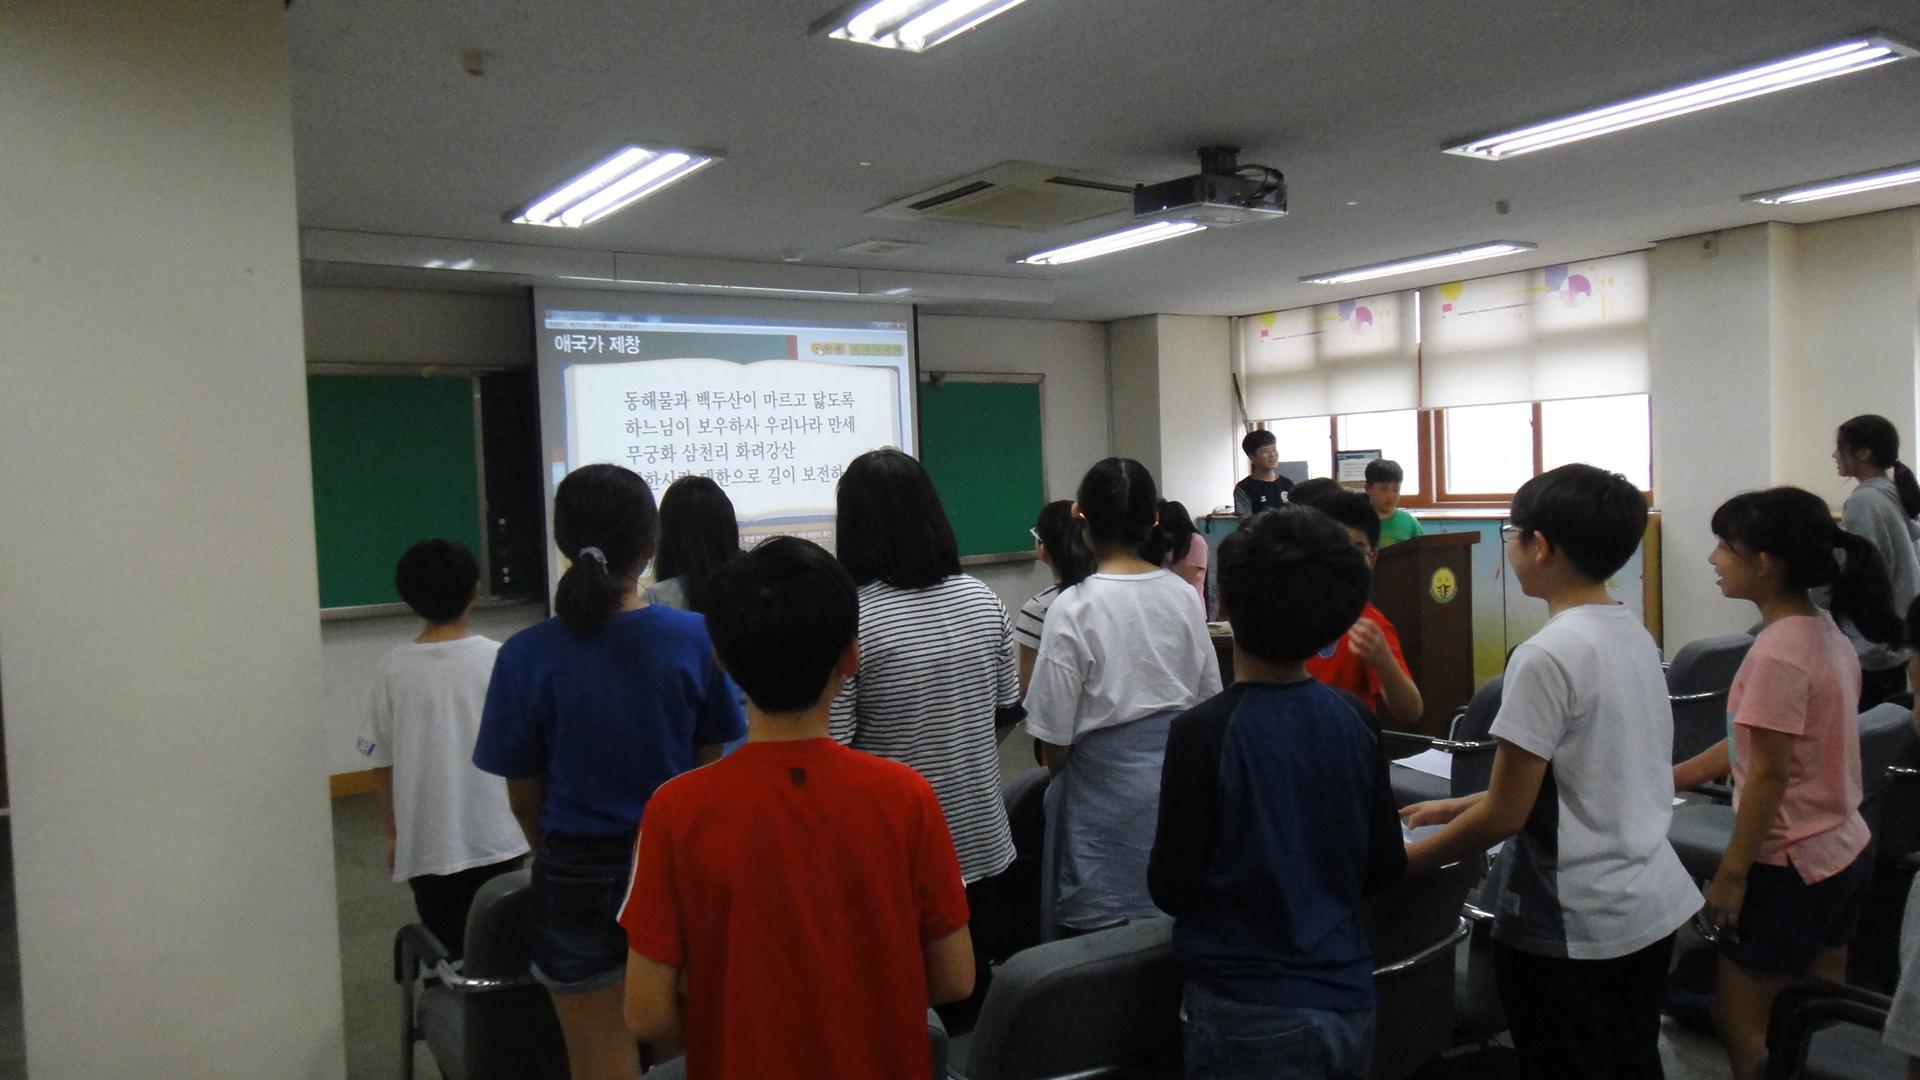 [일반] 2학기 전교학생자치회의 첨부이미지 7